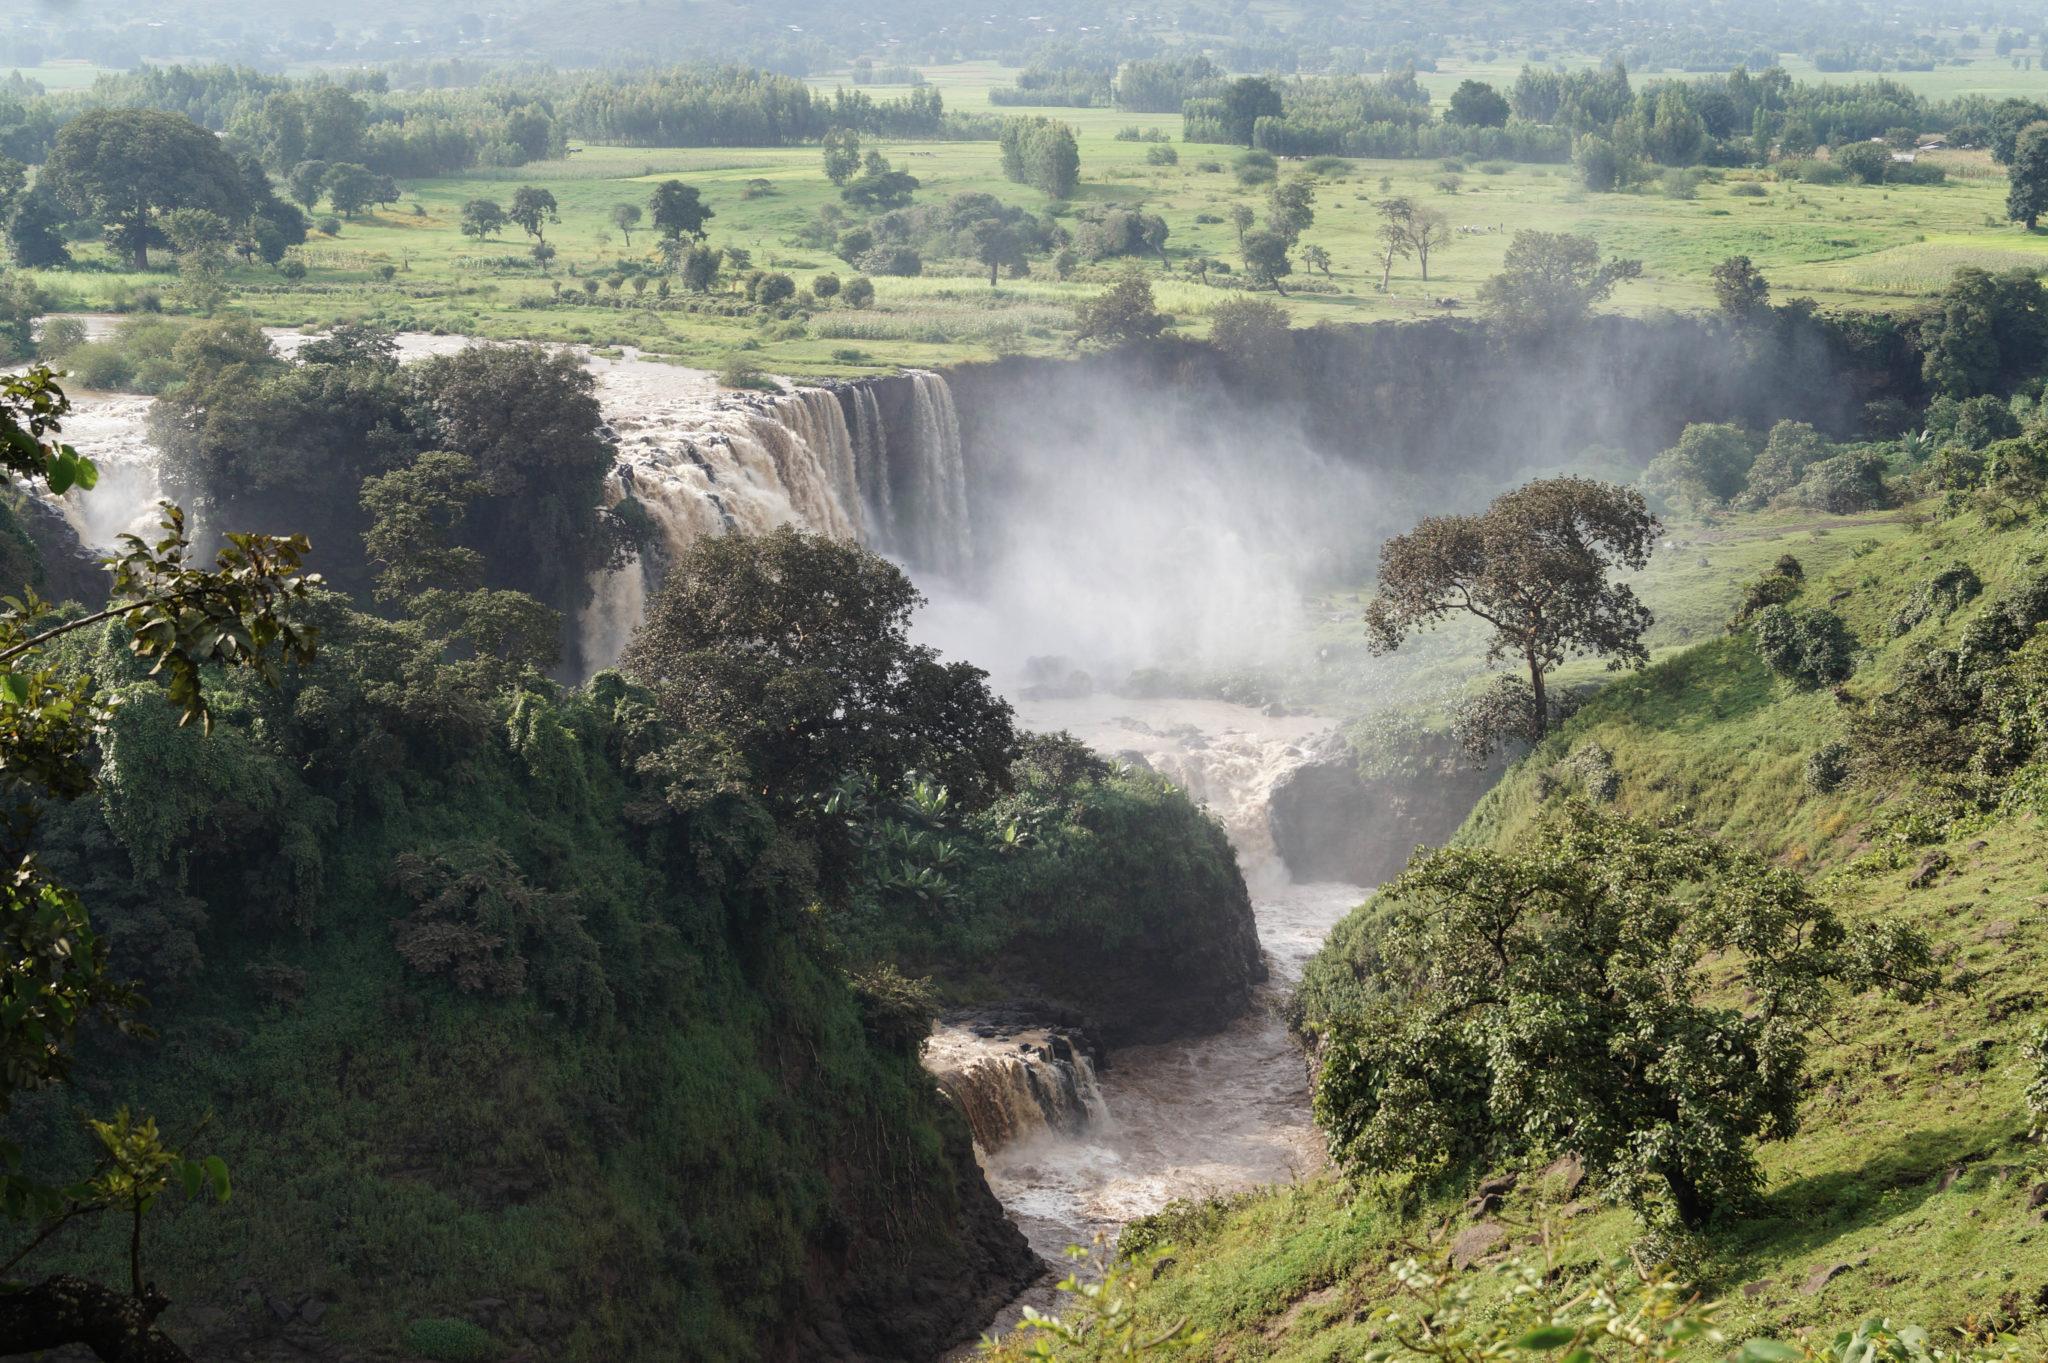 Äthiopien Norden: Der Wasserfall des Blauen Nils ist ein Muss, wenn man in Bahar Dar ist.